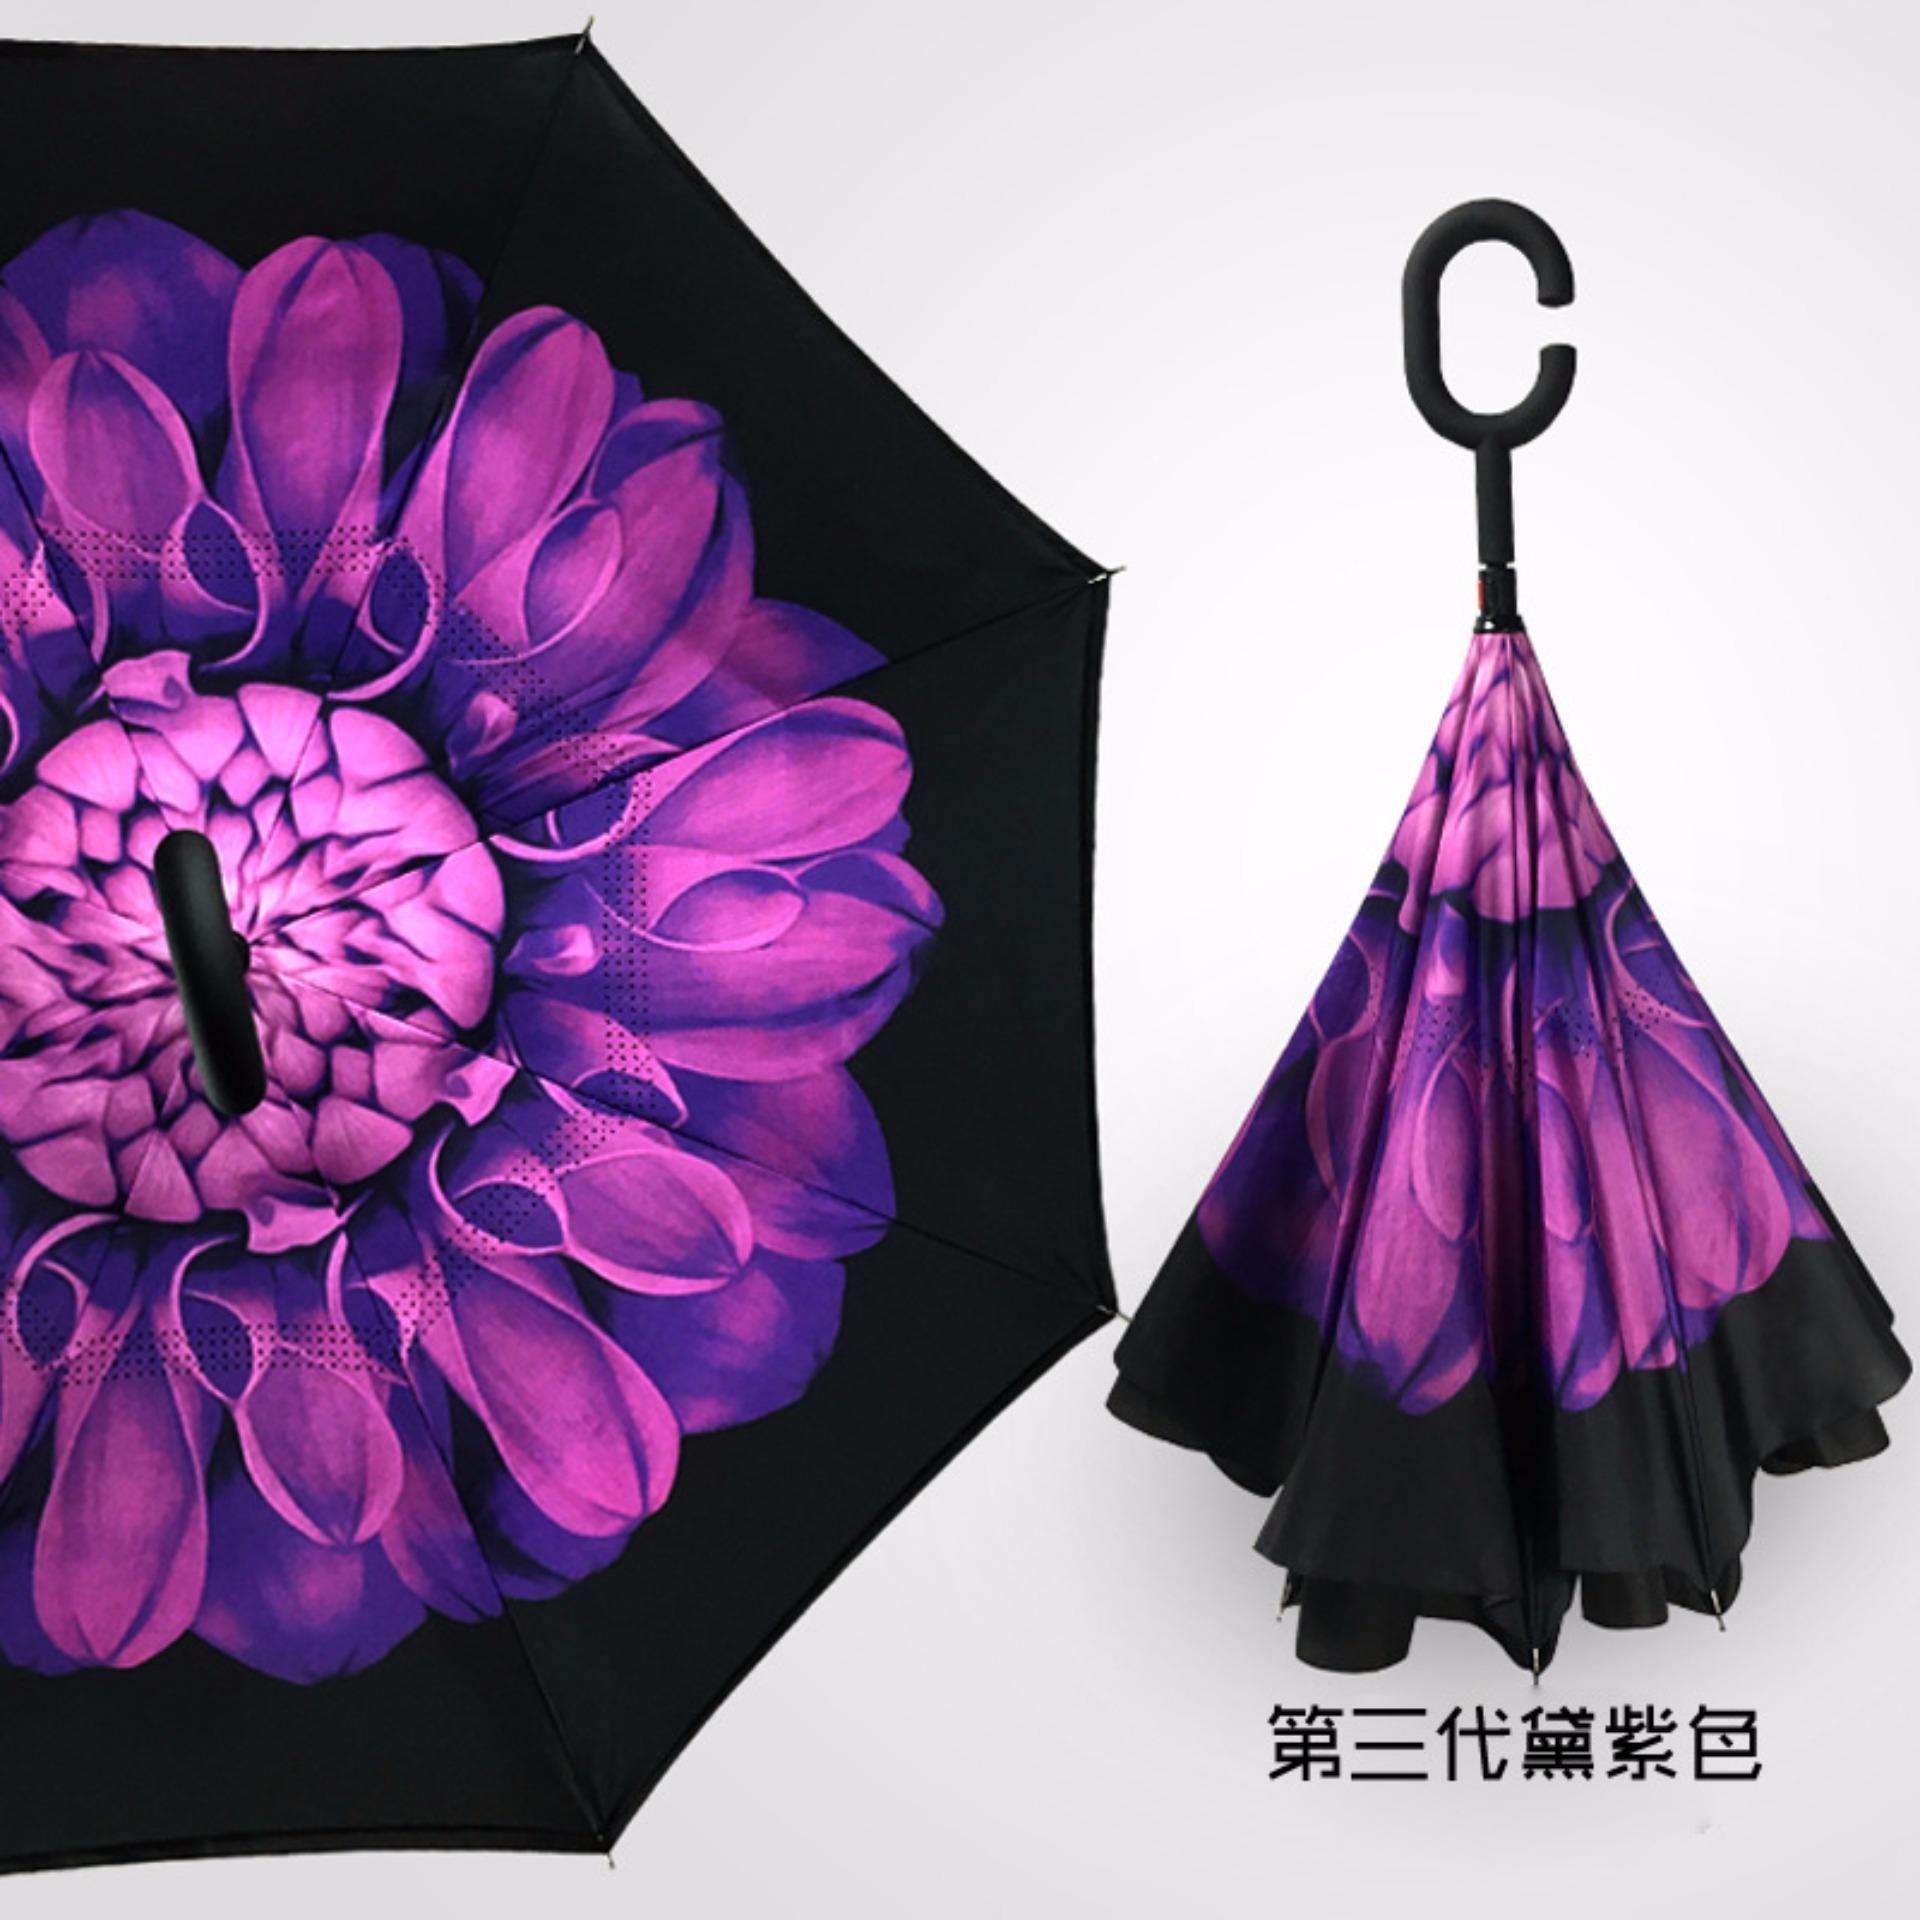 Tips Beli Best Payung Terbalik Gagang C Reverse Umbrella Payung Lipat Mobil 27 Ungu Yang Bagus